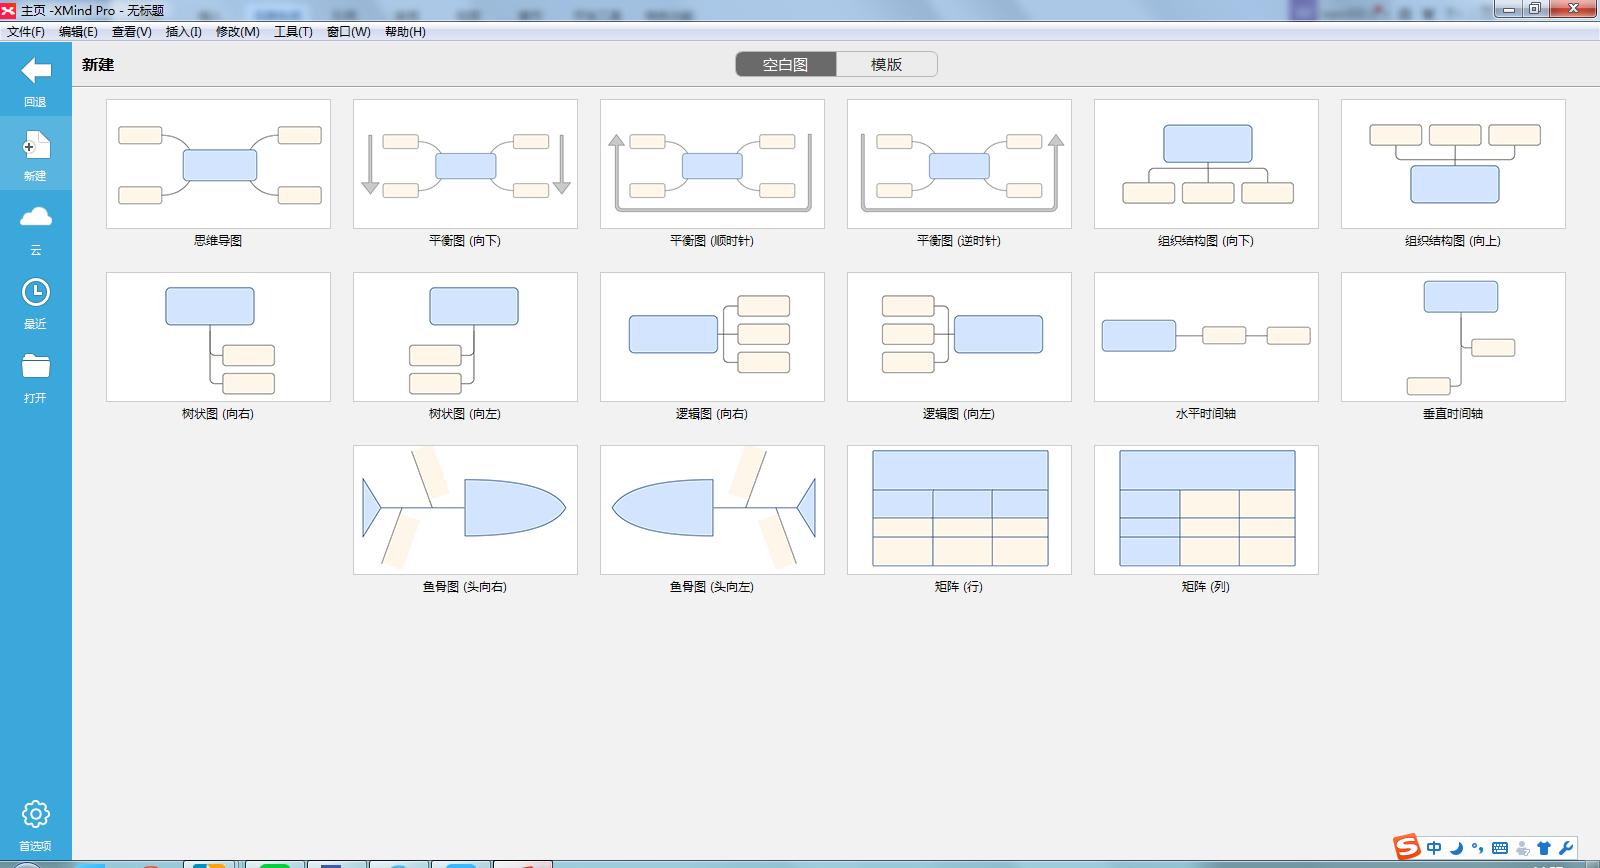 XMind2021专业版绘制思维导图1